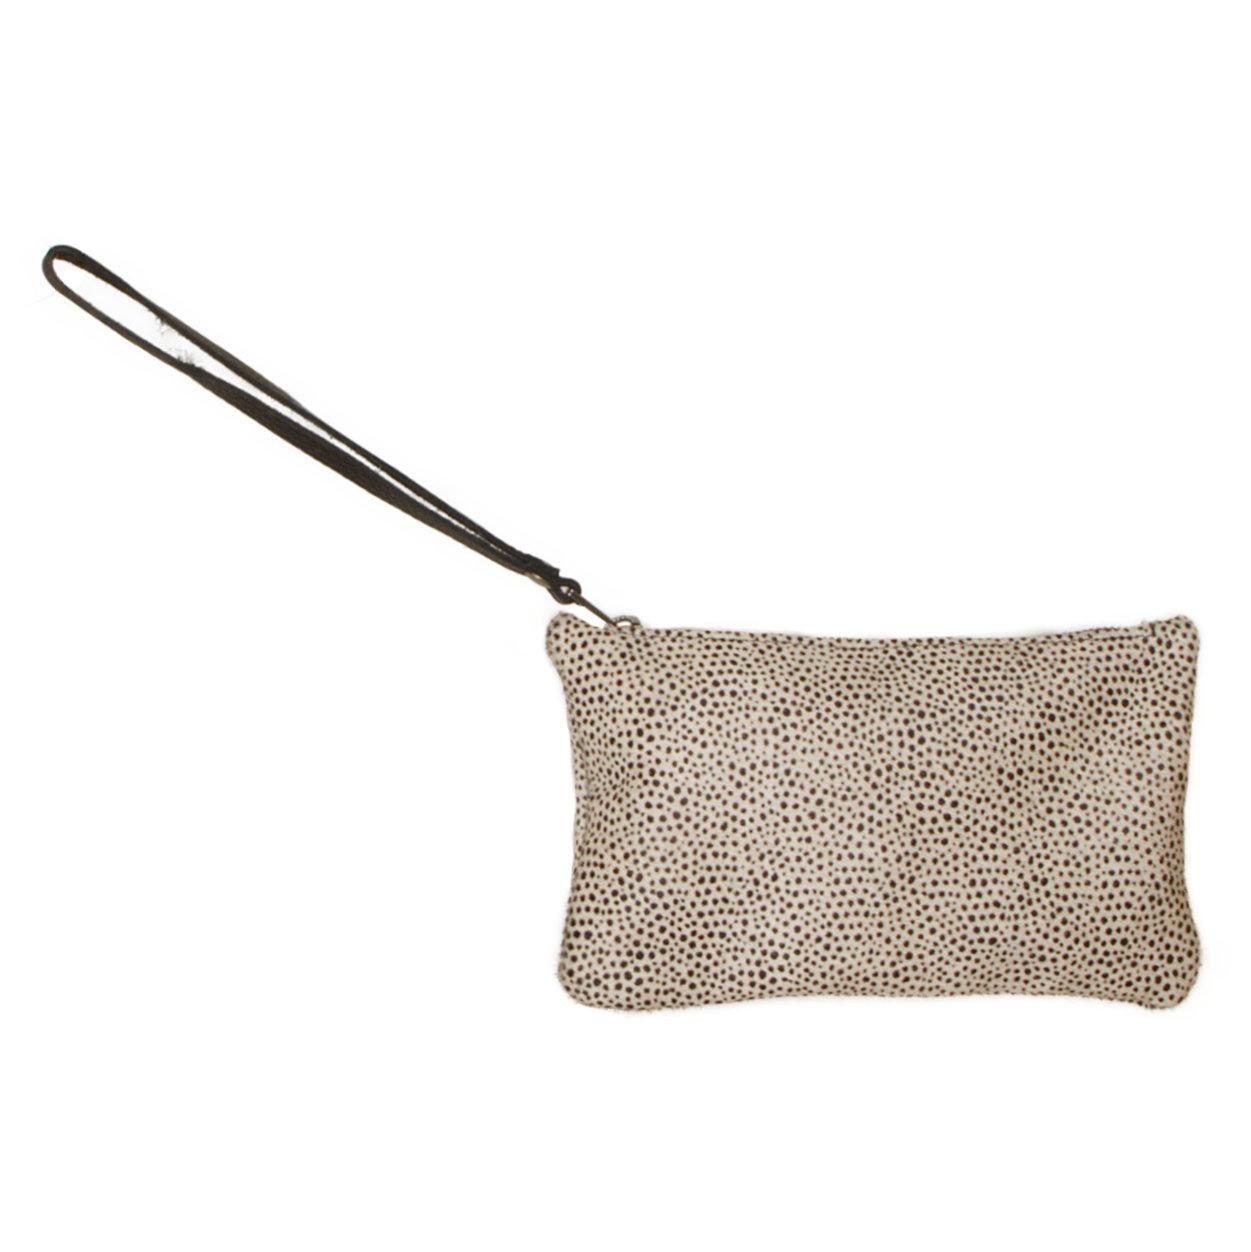 testVan Buren Koeienhuid clutch - Mini dalmatiër | Lederen avondtasje